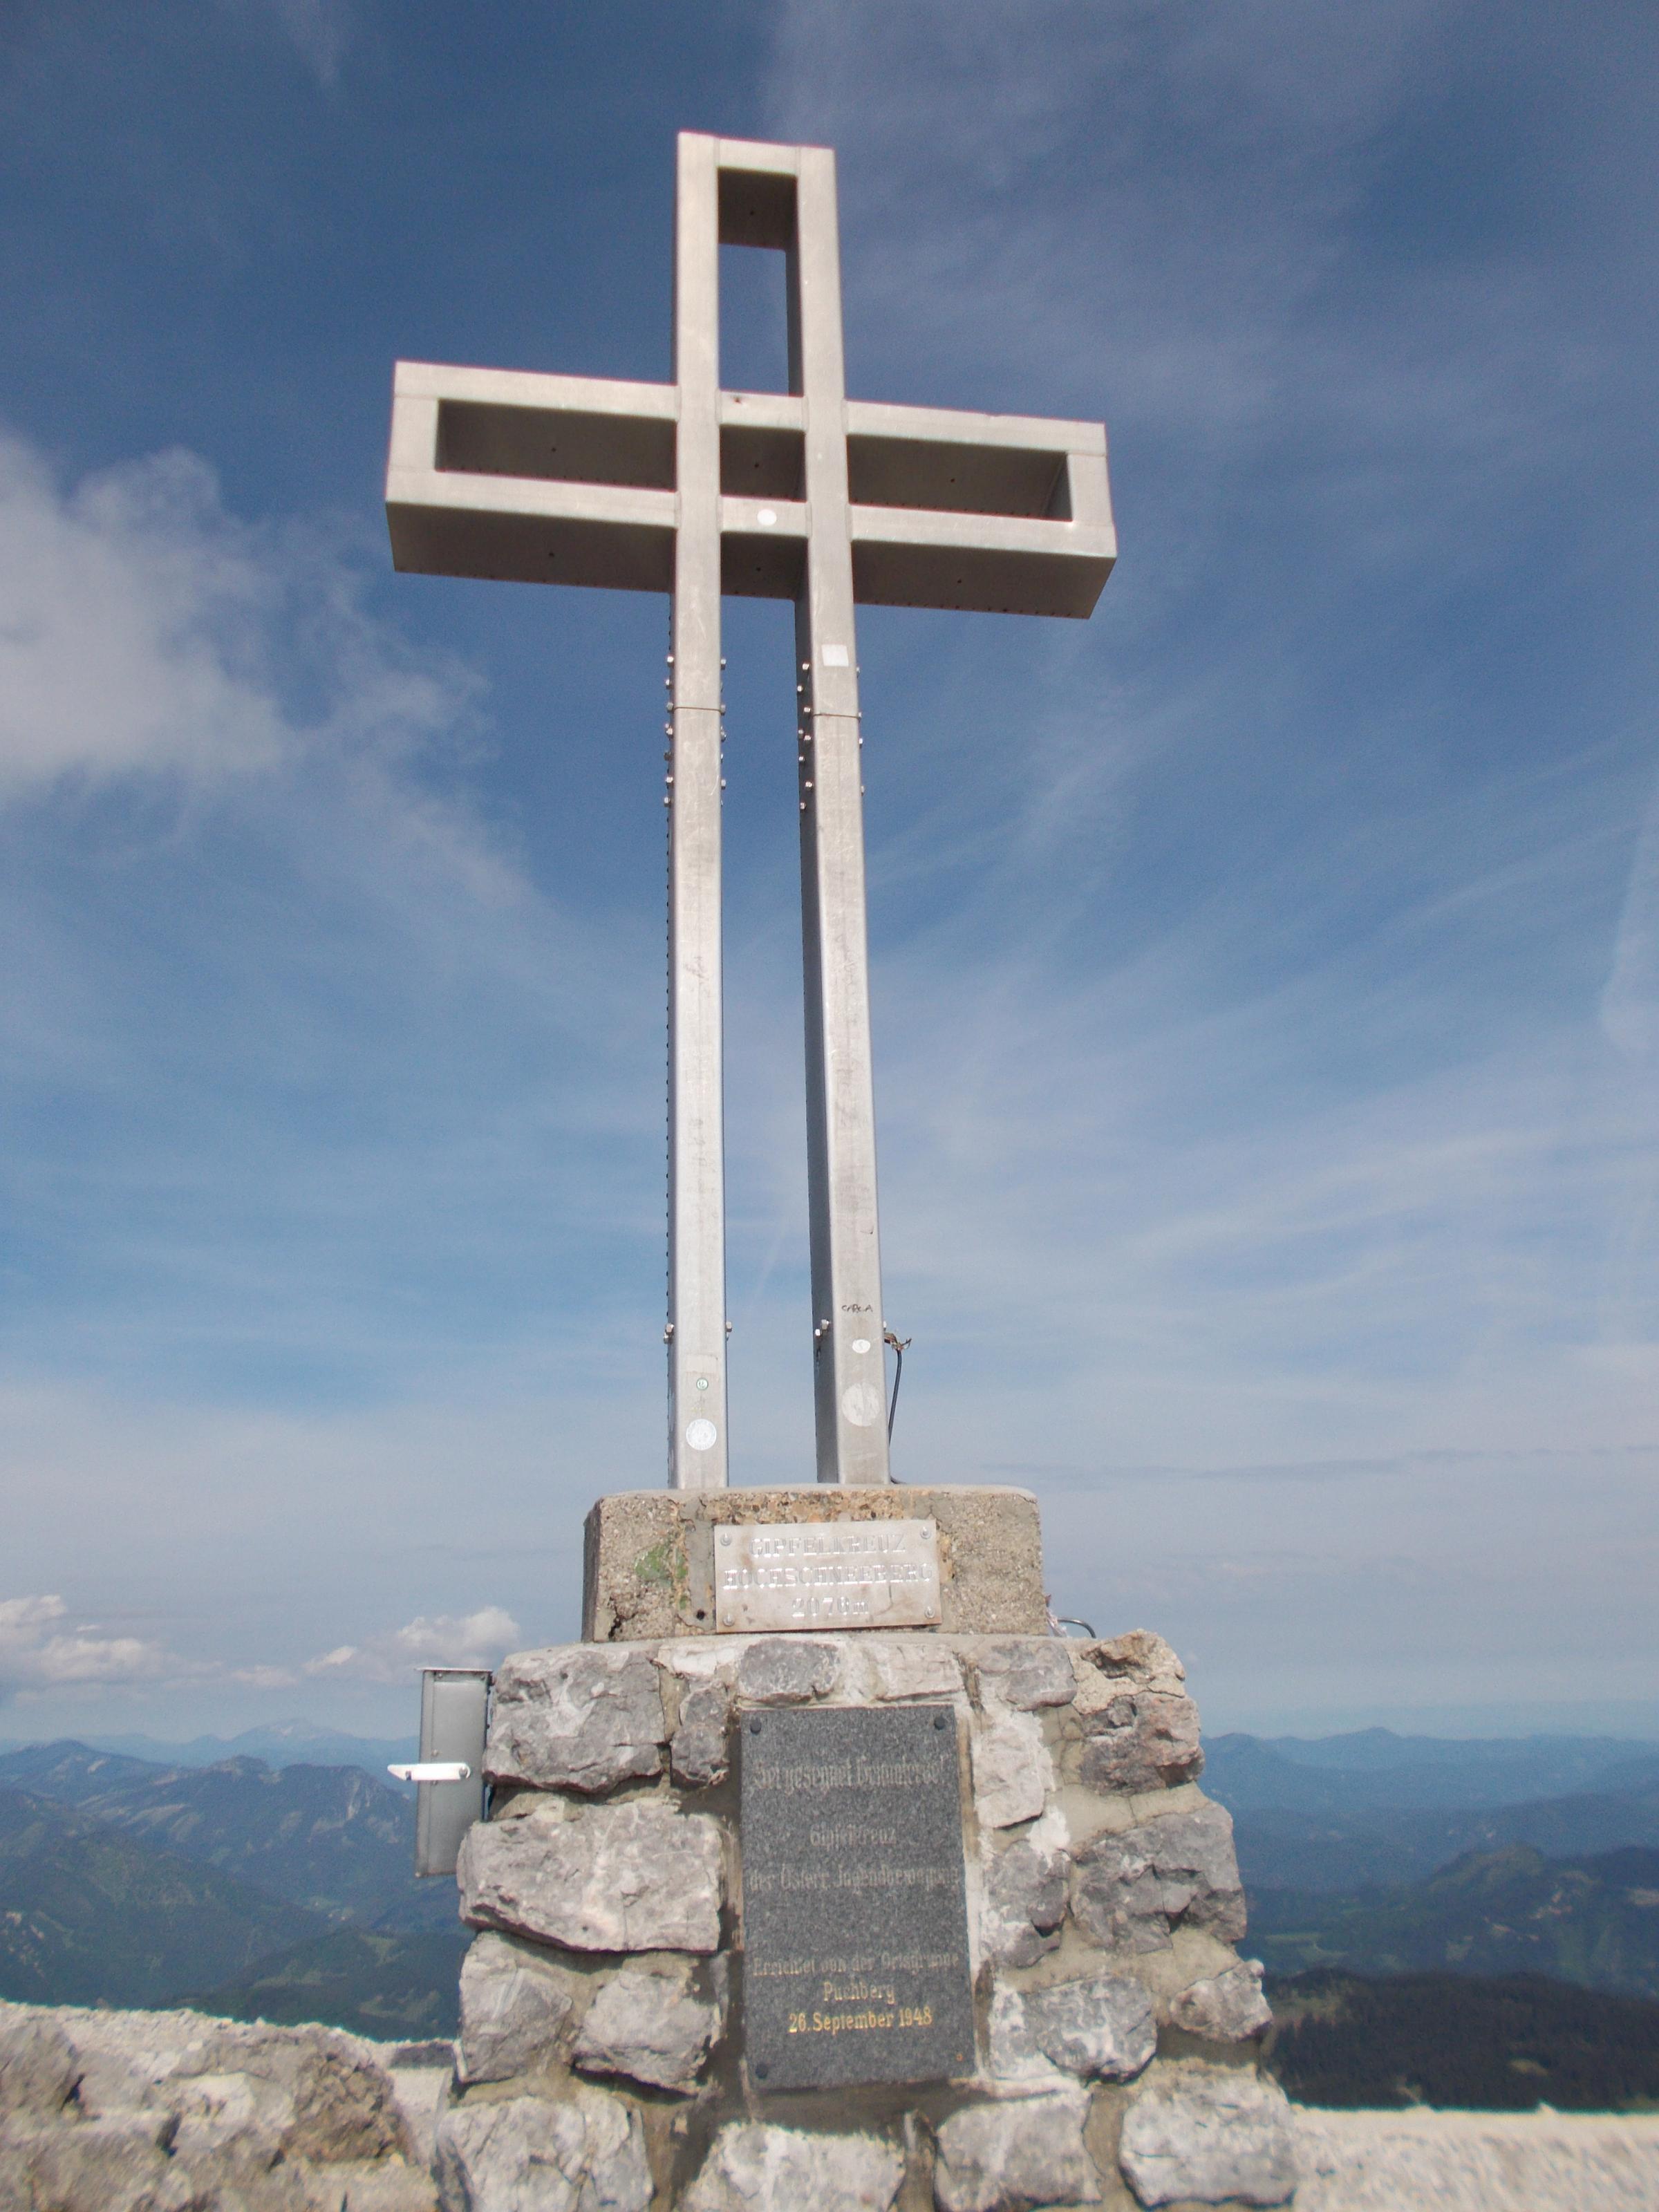 schneeberg-weichtalklamm-stadelwand-042.jpg